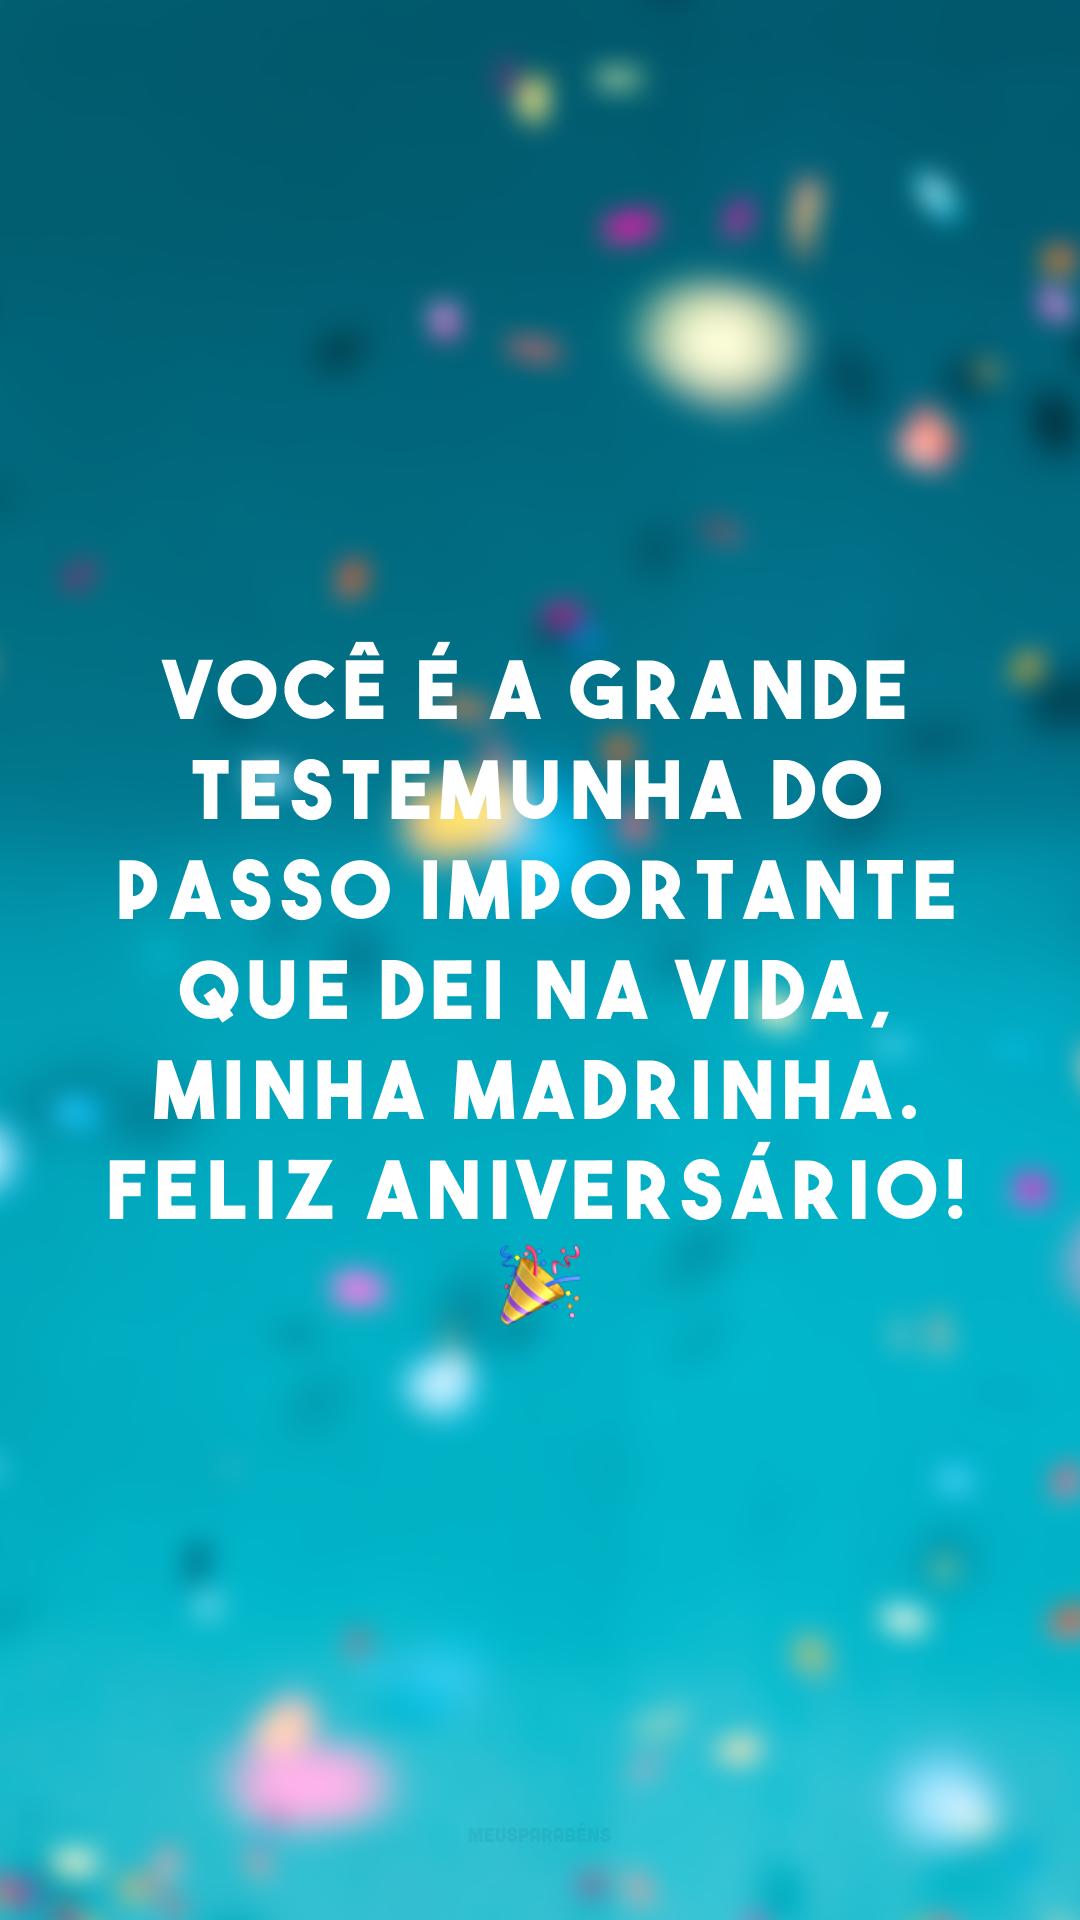 Você é a grande testemunha do passo importante que dei na vida, minha madrinha. Feliz aniversário! 🎉<br />